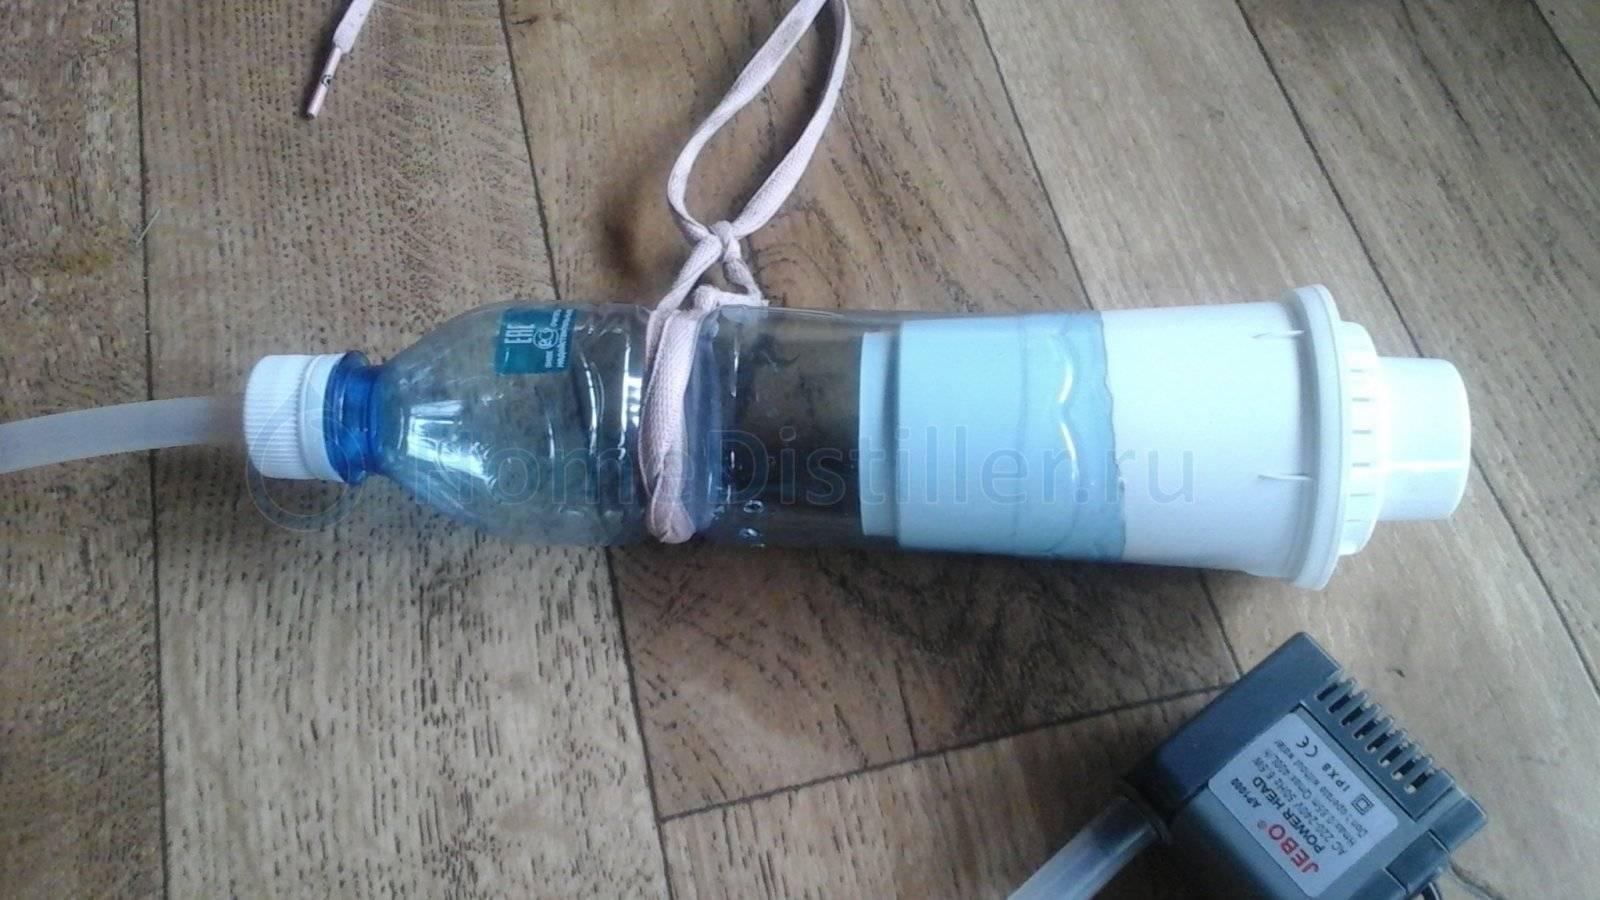 Технология и эффективность очистки самогона фильтром для воды такие как барьер, аквафор, гейзер чистоим самогон фильтром кувшин